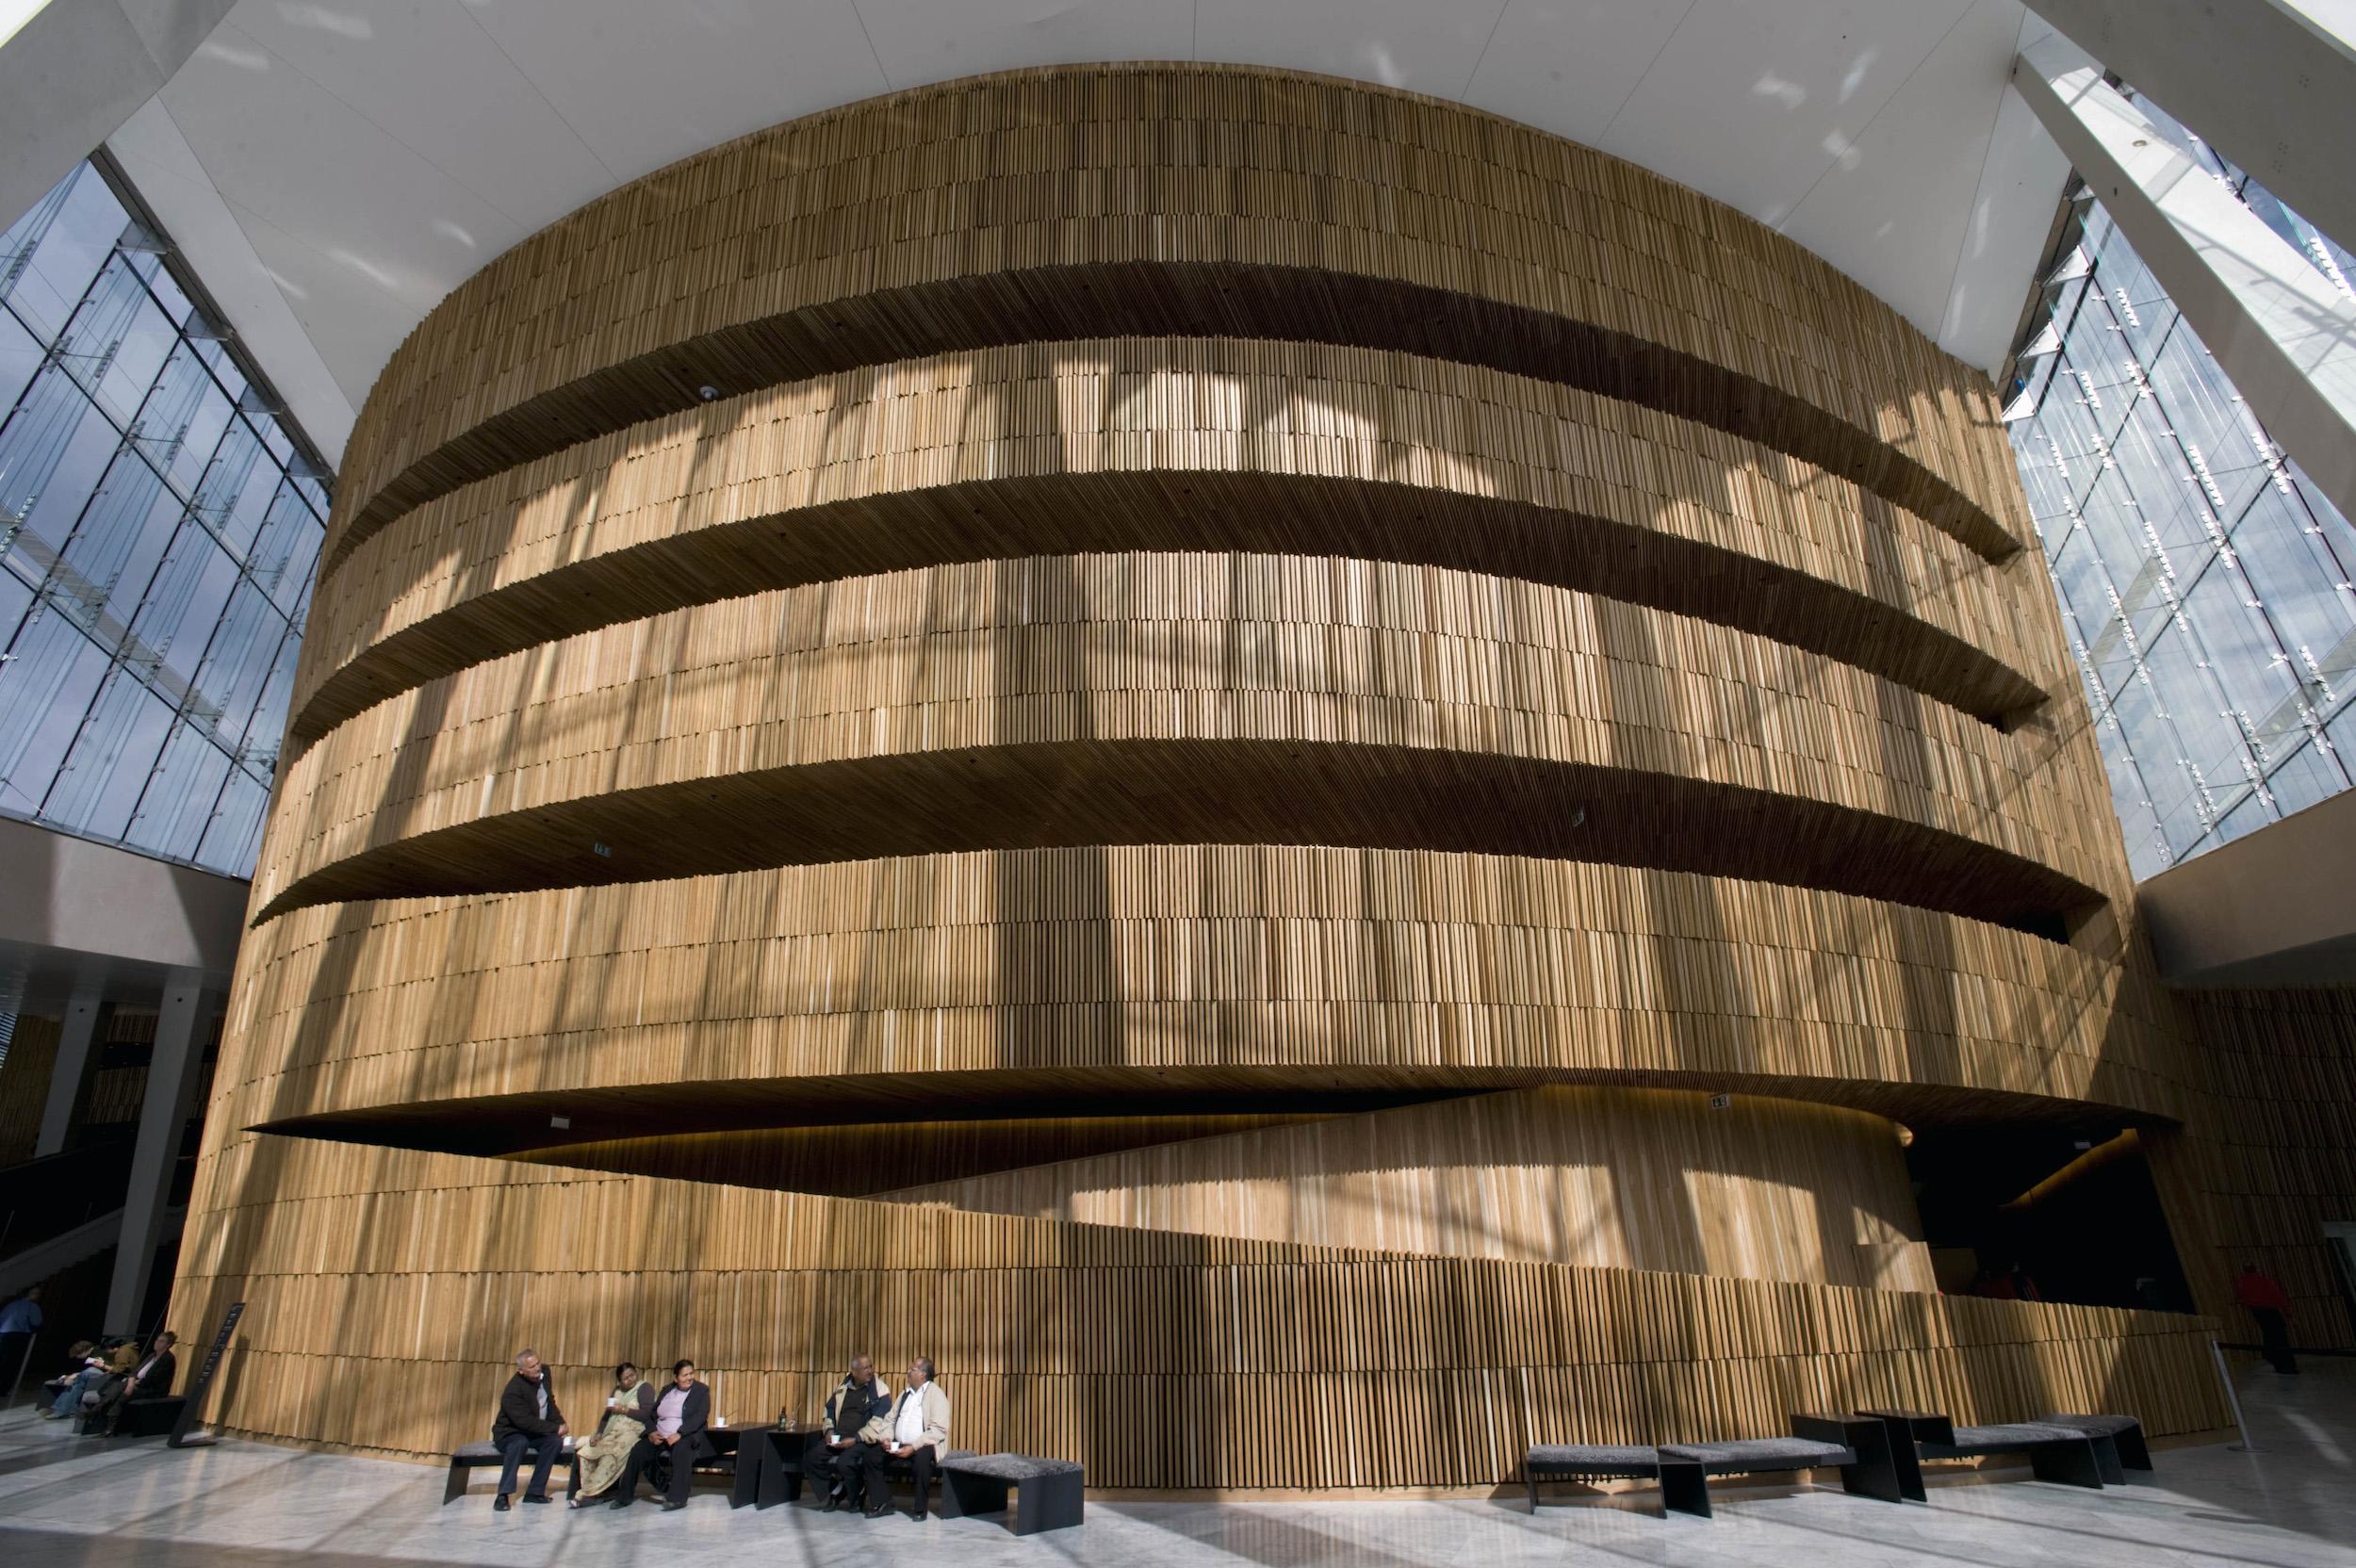 Oslo Opera House entrance - Erik Berg